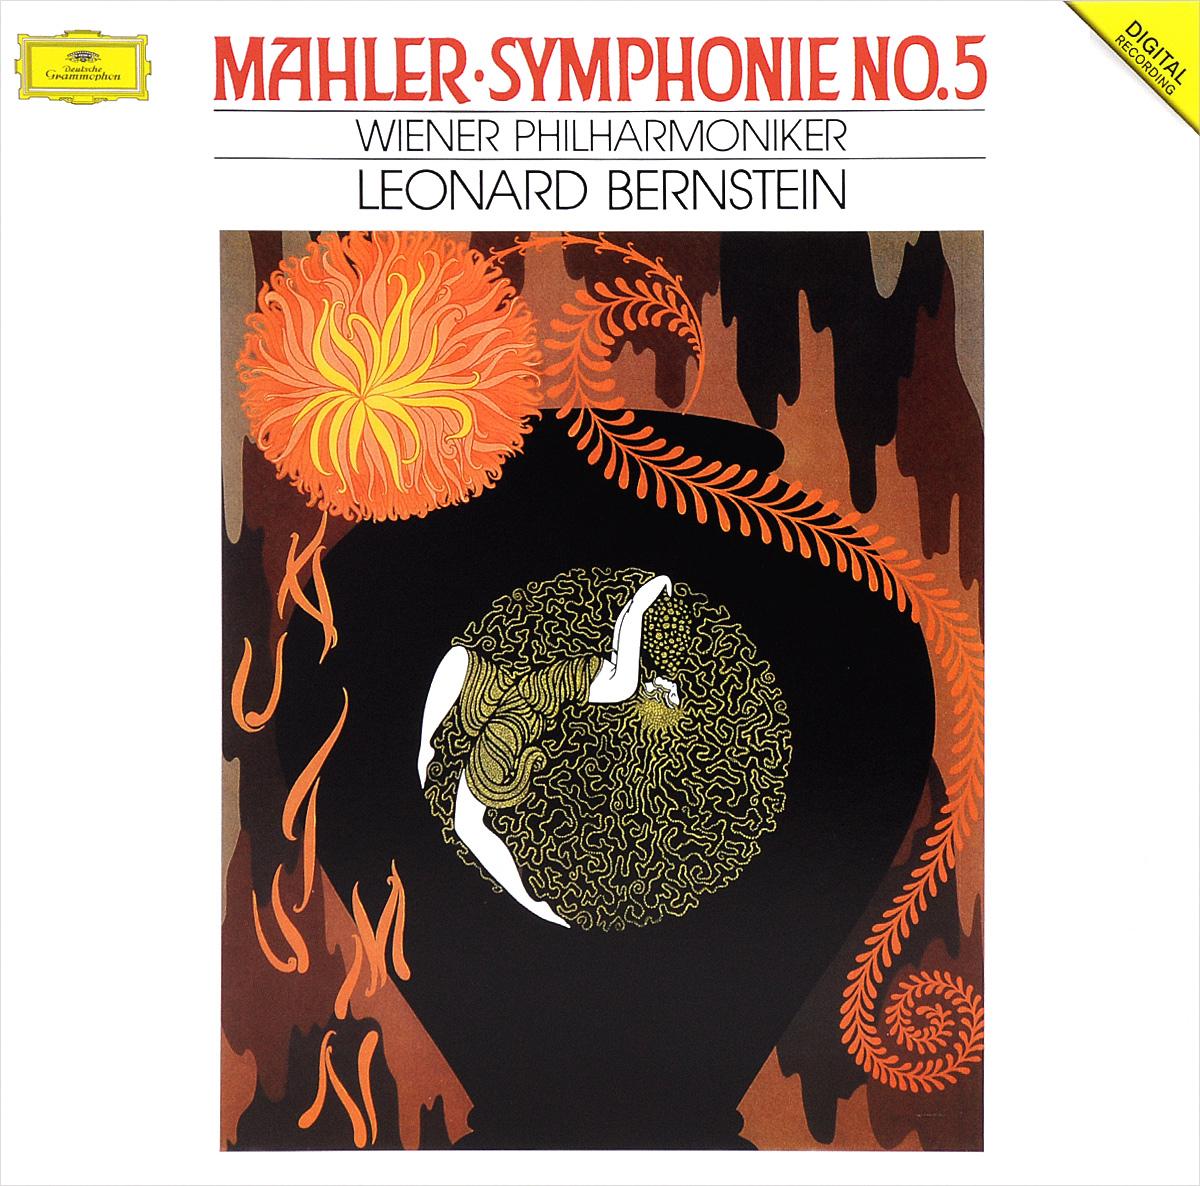 Leonard Bernstein. Mahler. Symphonie No. 5 (2 LP)